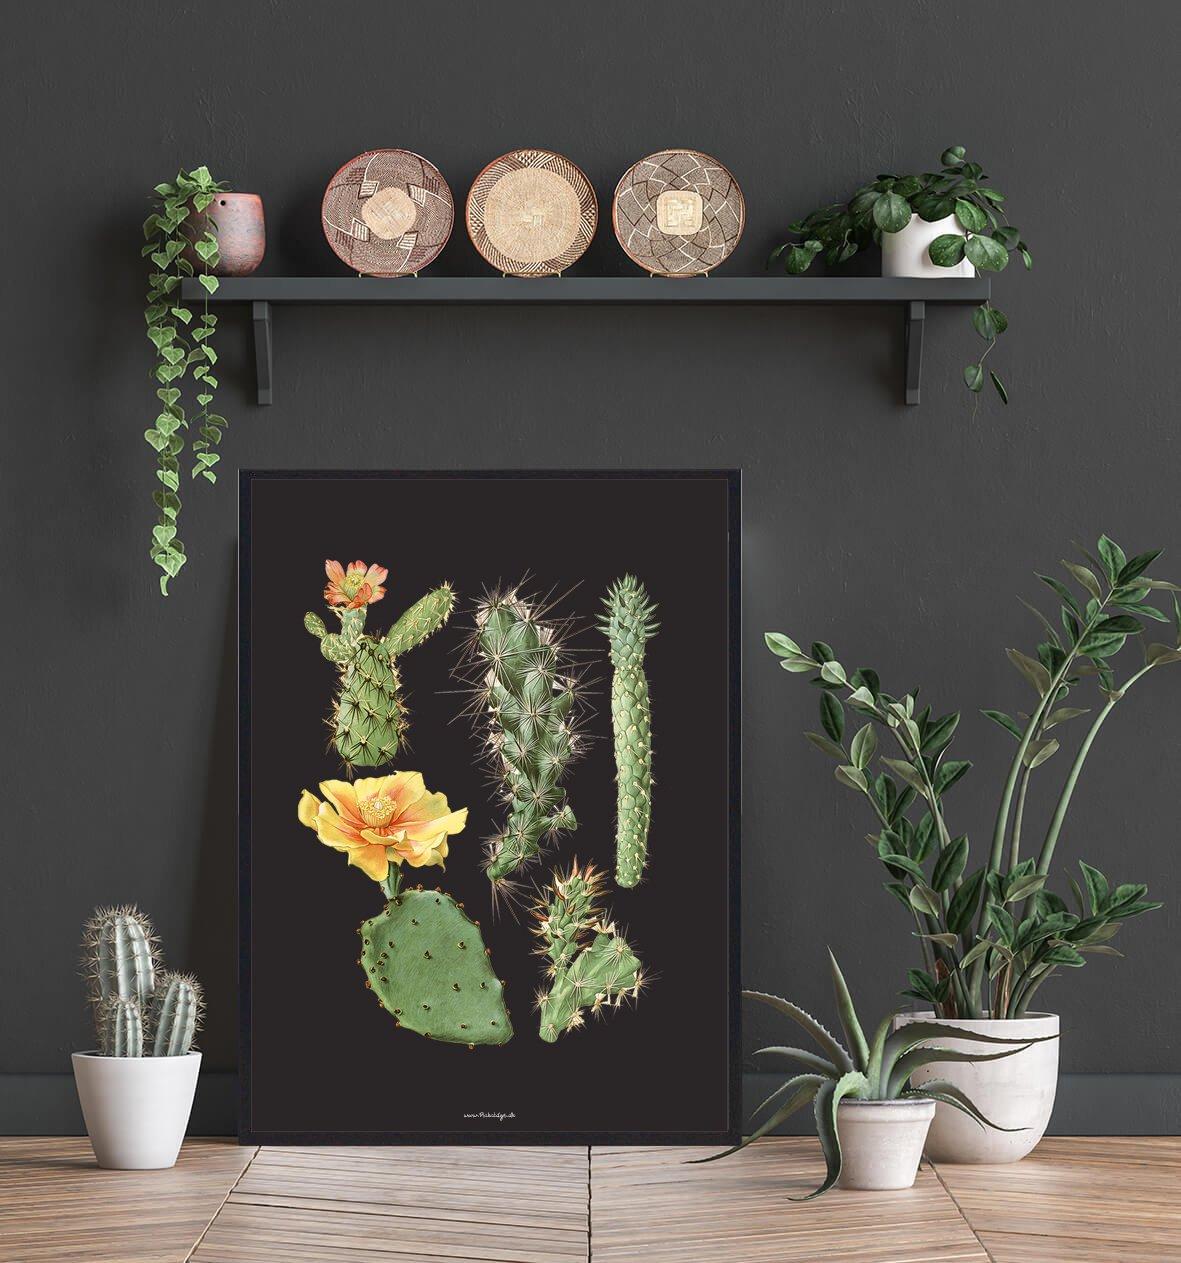 masser-af-kaktus-2